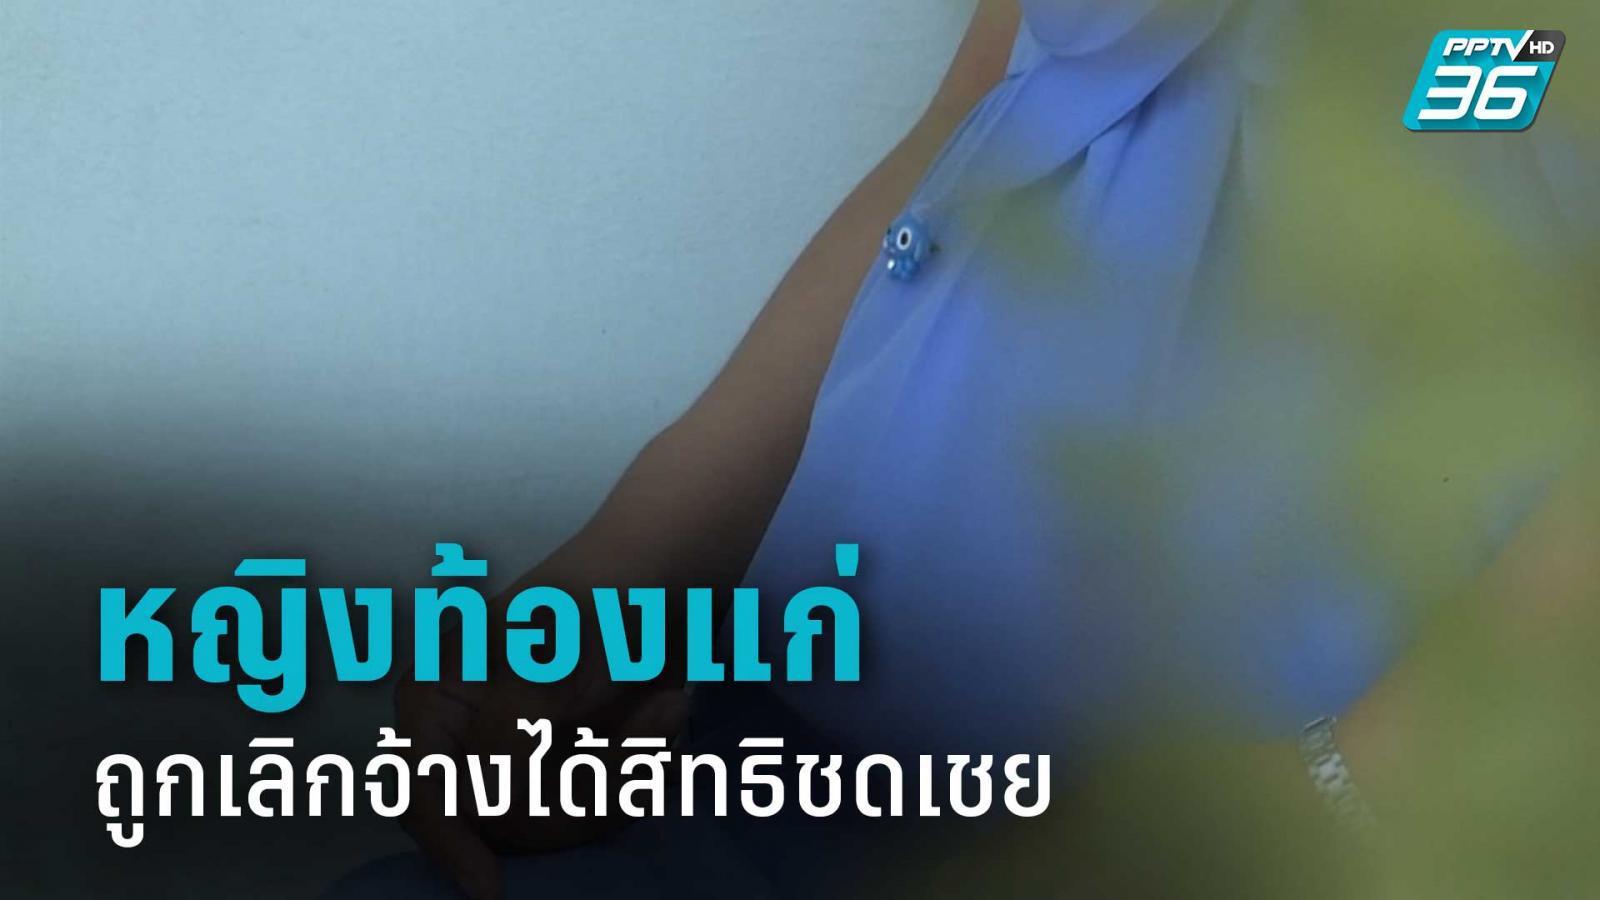 กรมสวัสดิการแรงงาน ชี้ หญิงท้องแก่ ถูกเลิกจ้างได้สิทธิชดเชย